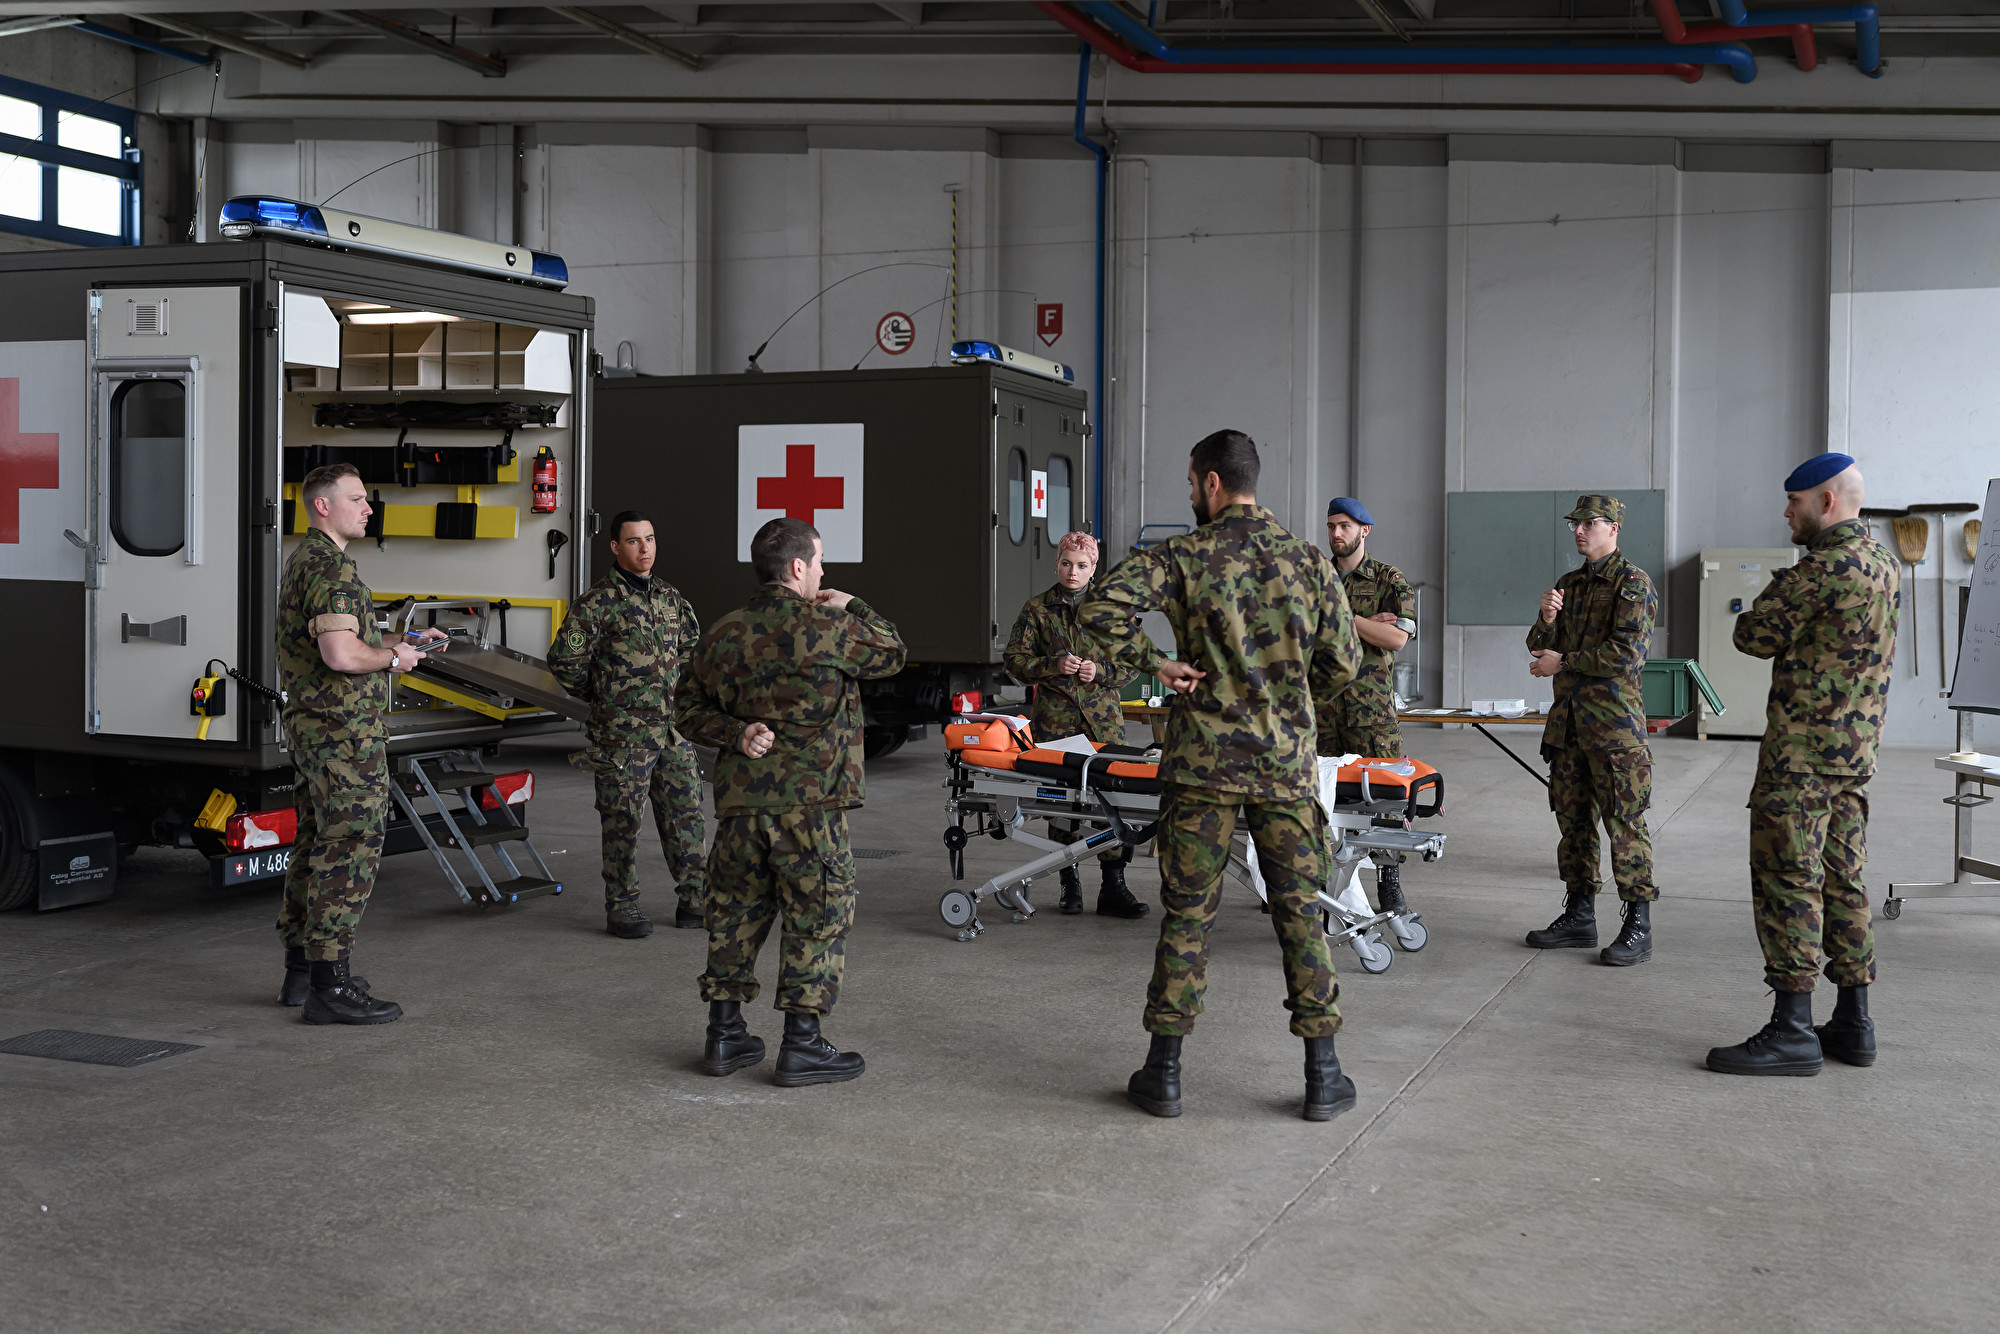 玉清心:歐洲簽一帶一路第二國 瑞士疫情嚴重